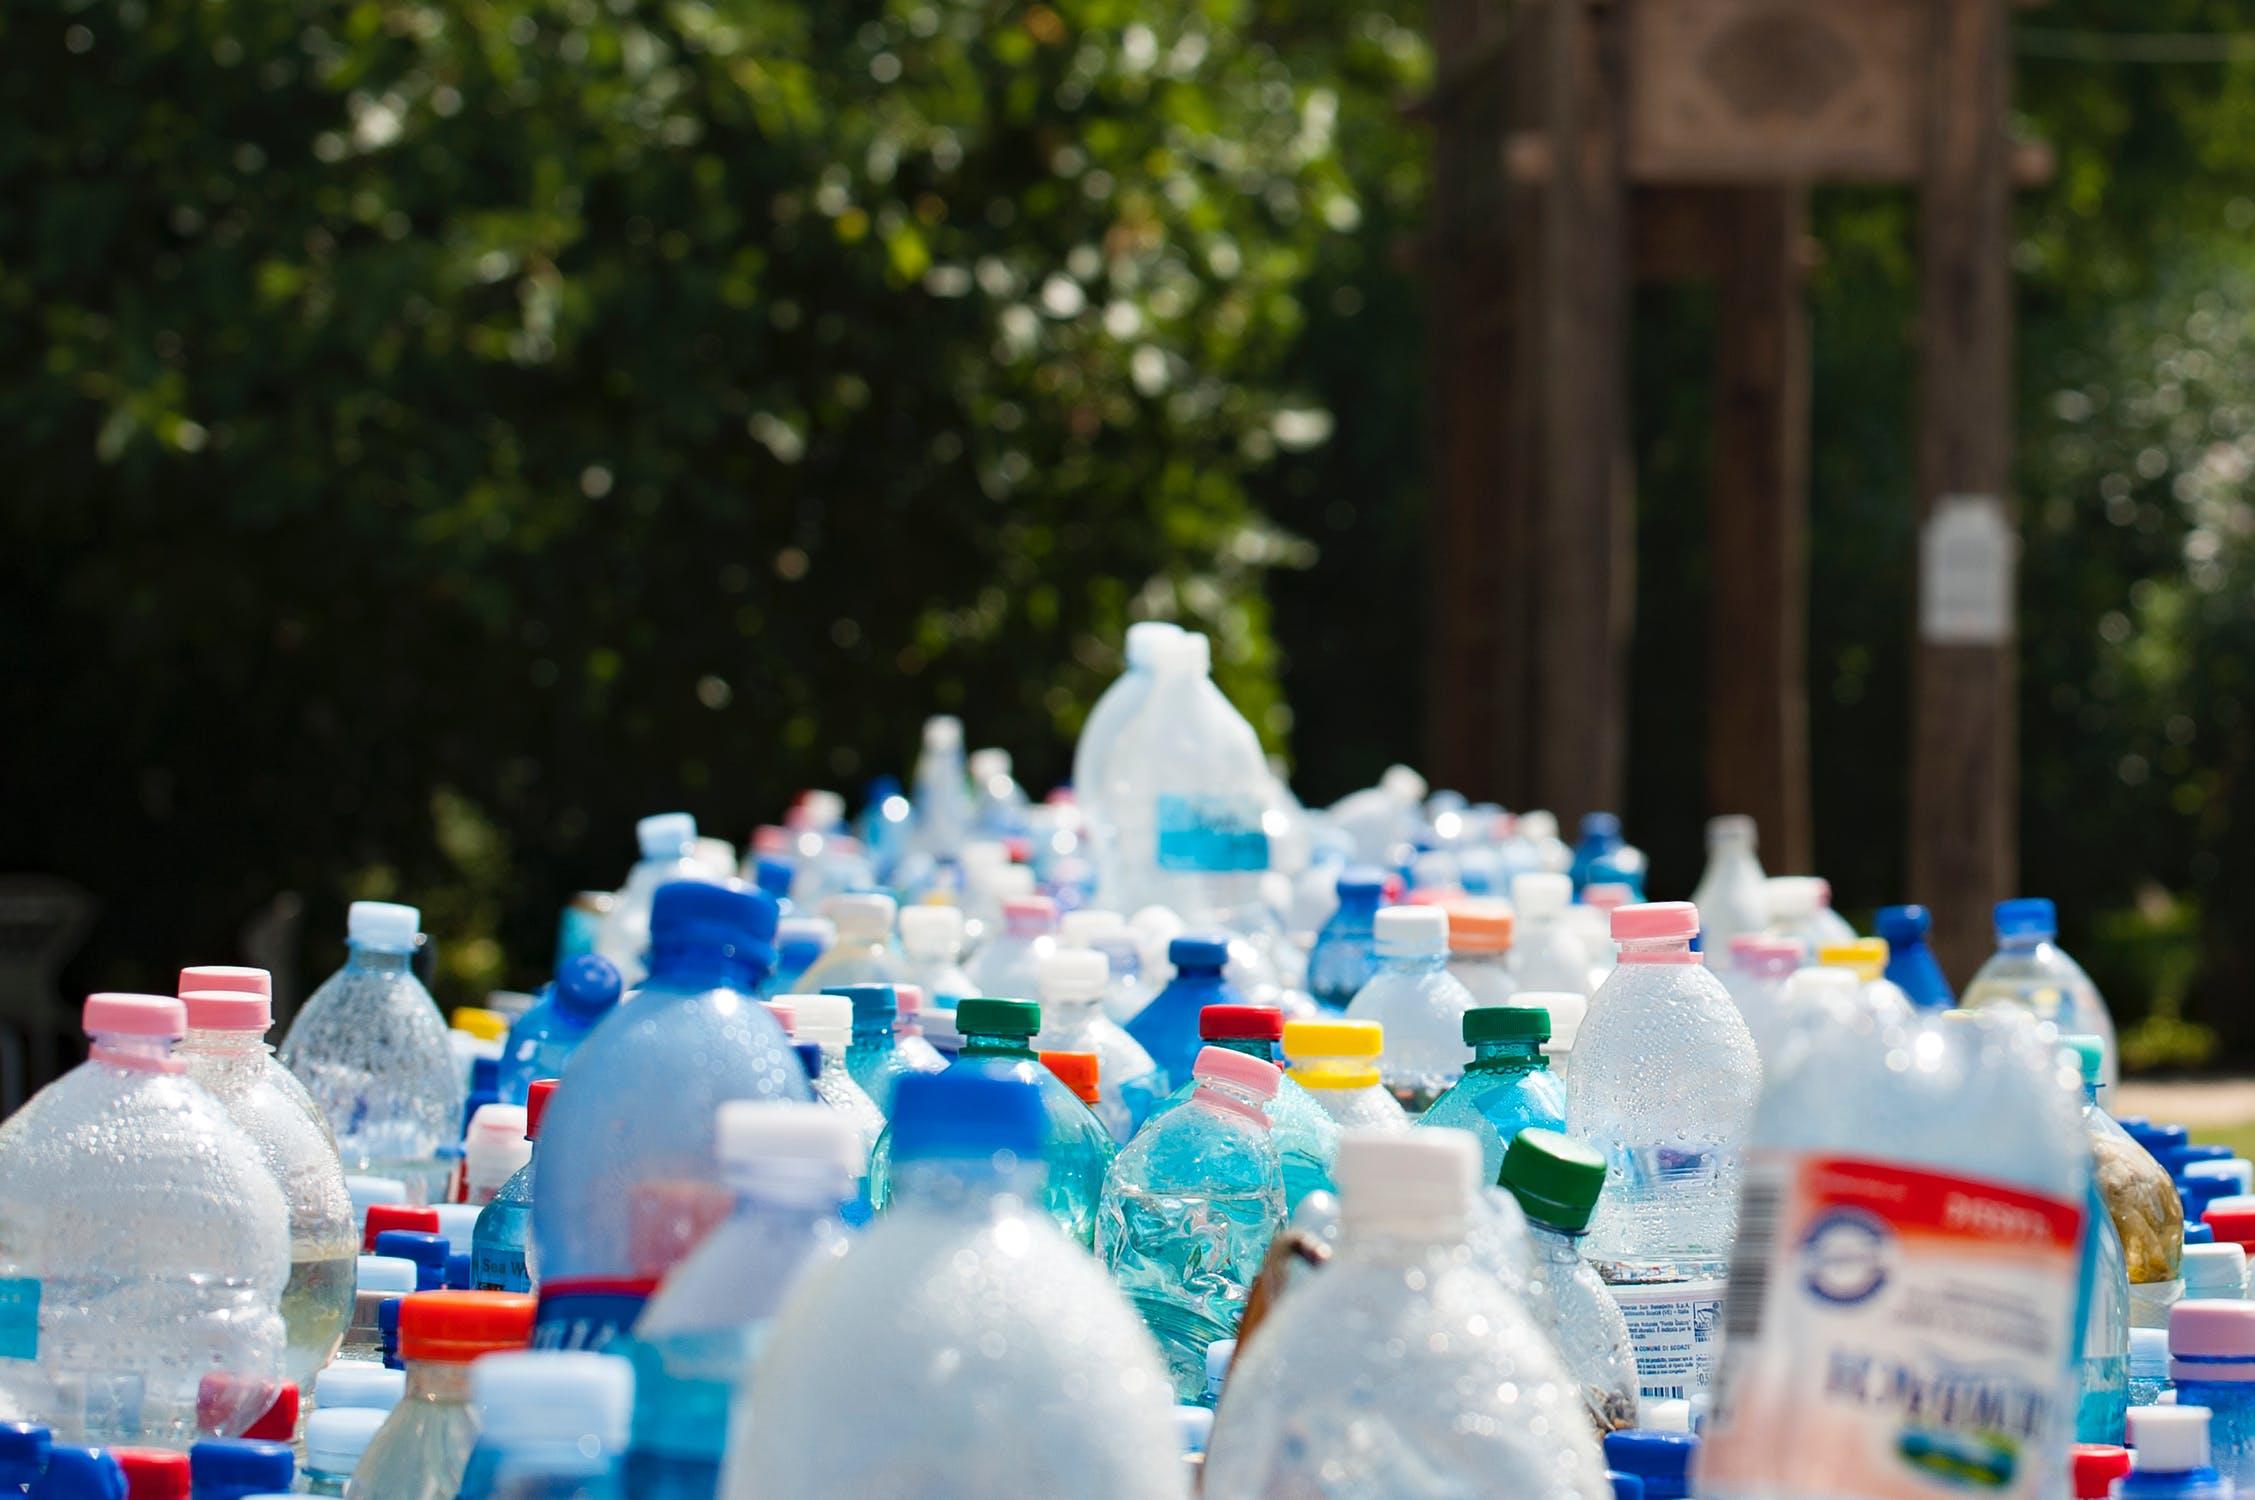 Assortment of plastic bottles.